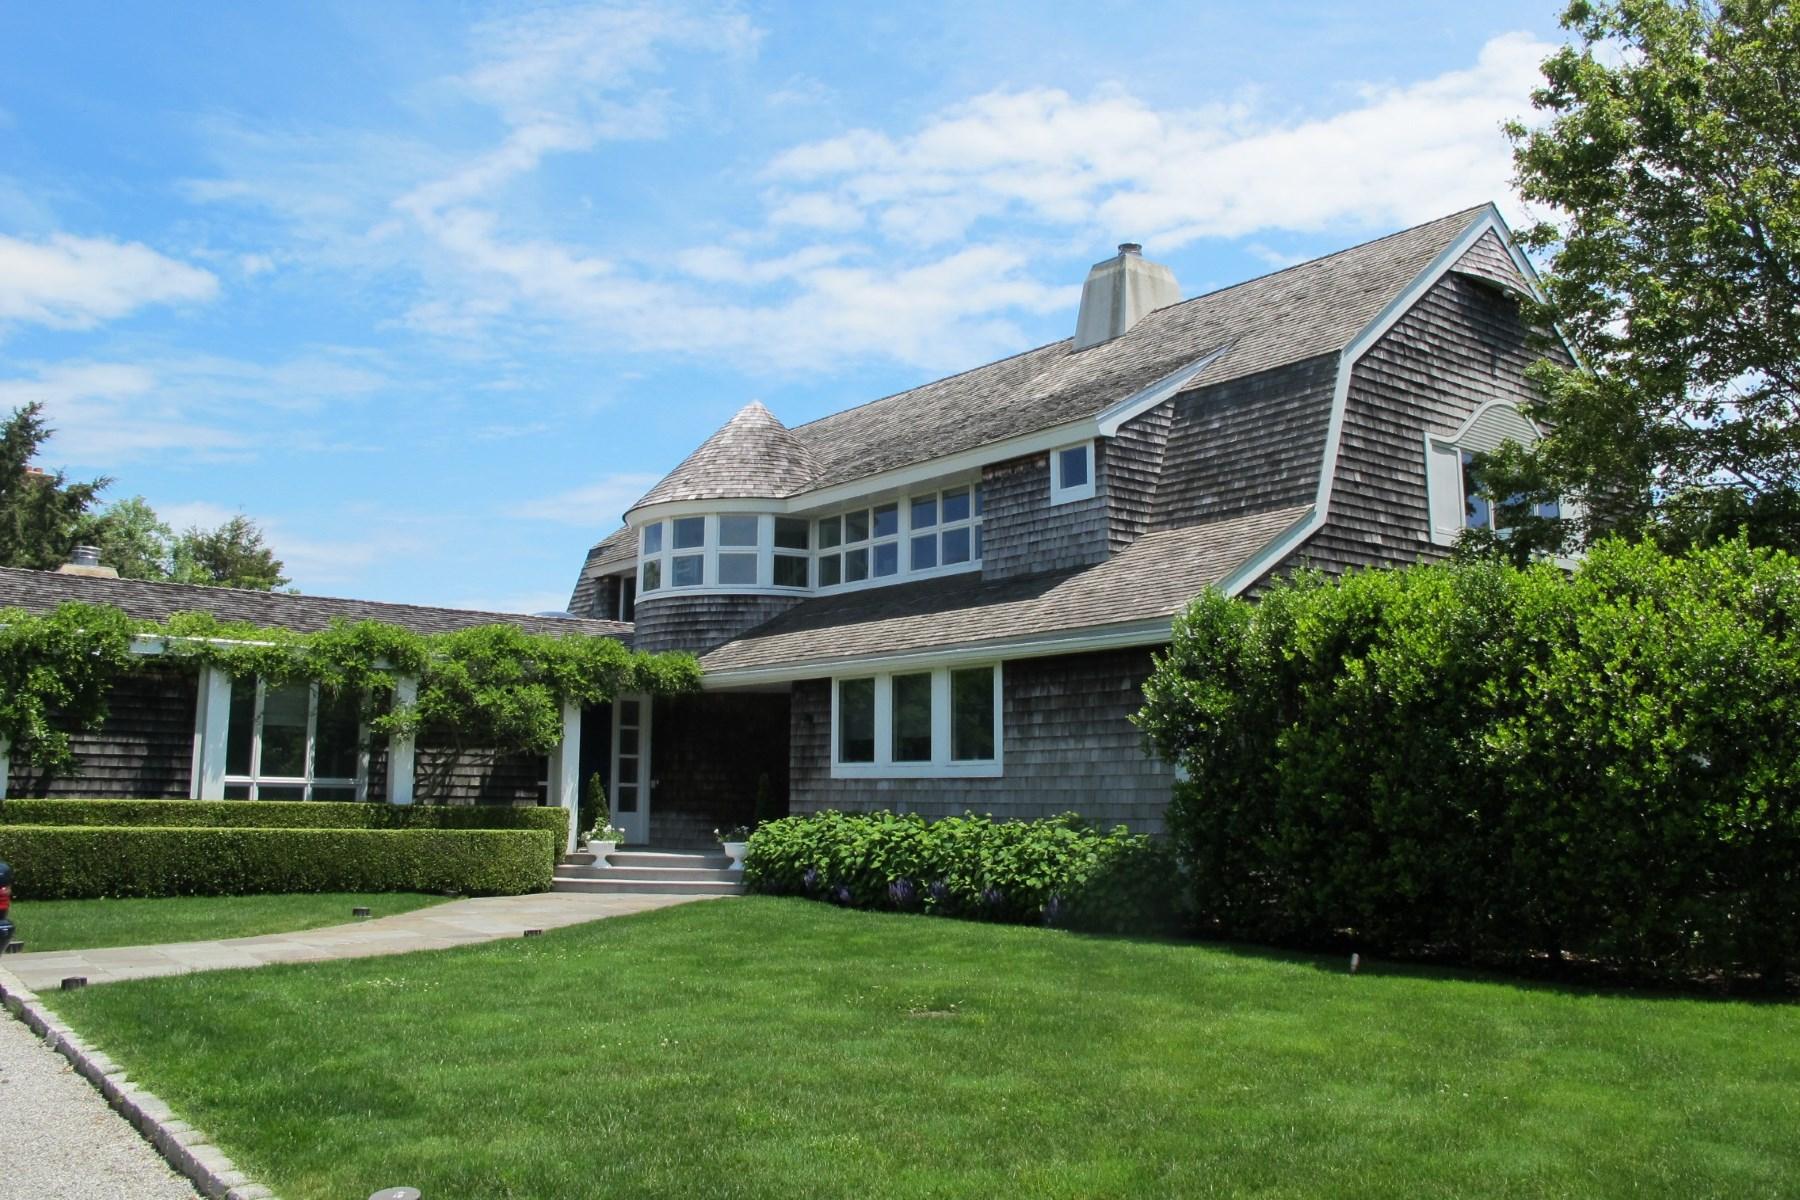 独户住宅 为 销售 在 Near Mecox Bay - Water Mill 39 Bay Lane Water Mill, 纽约州 11976 美国